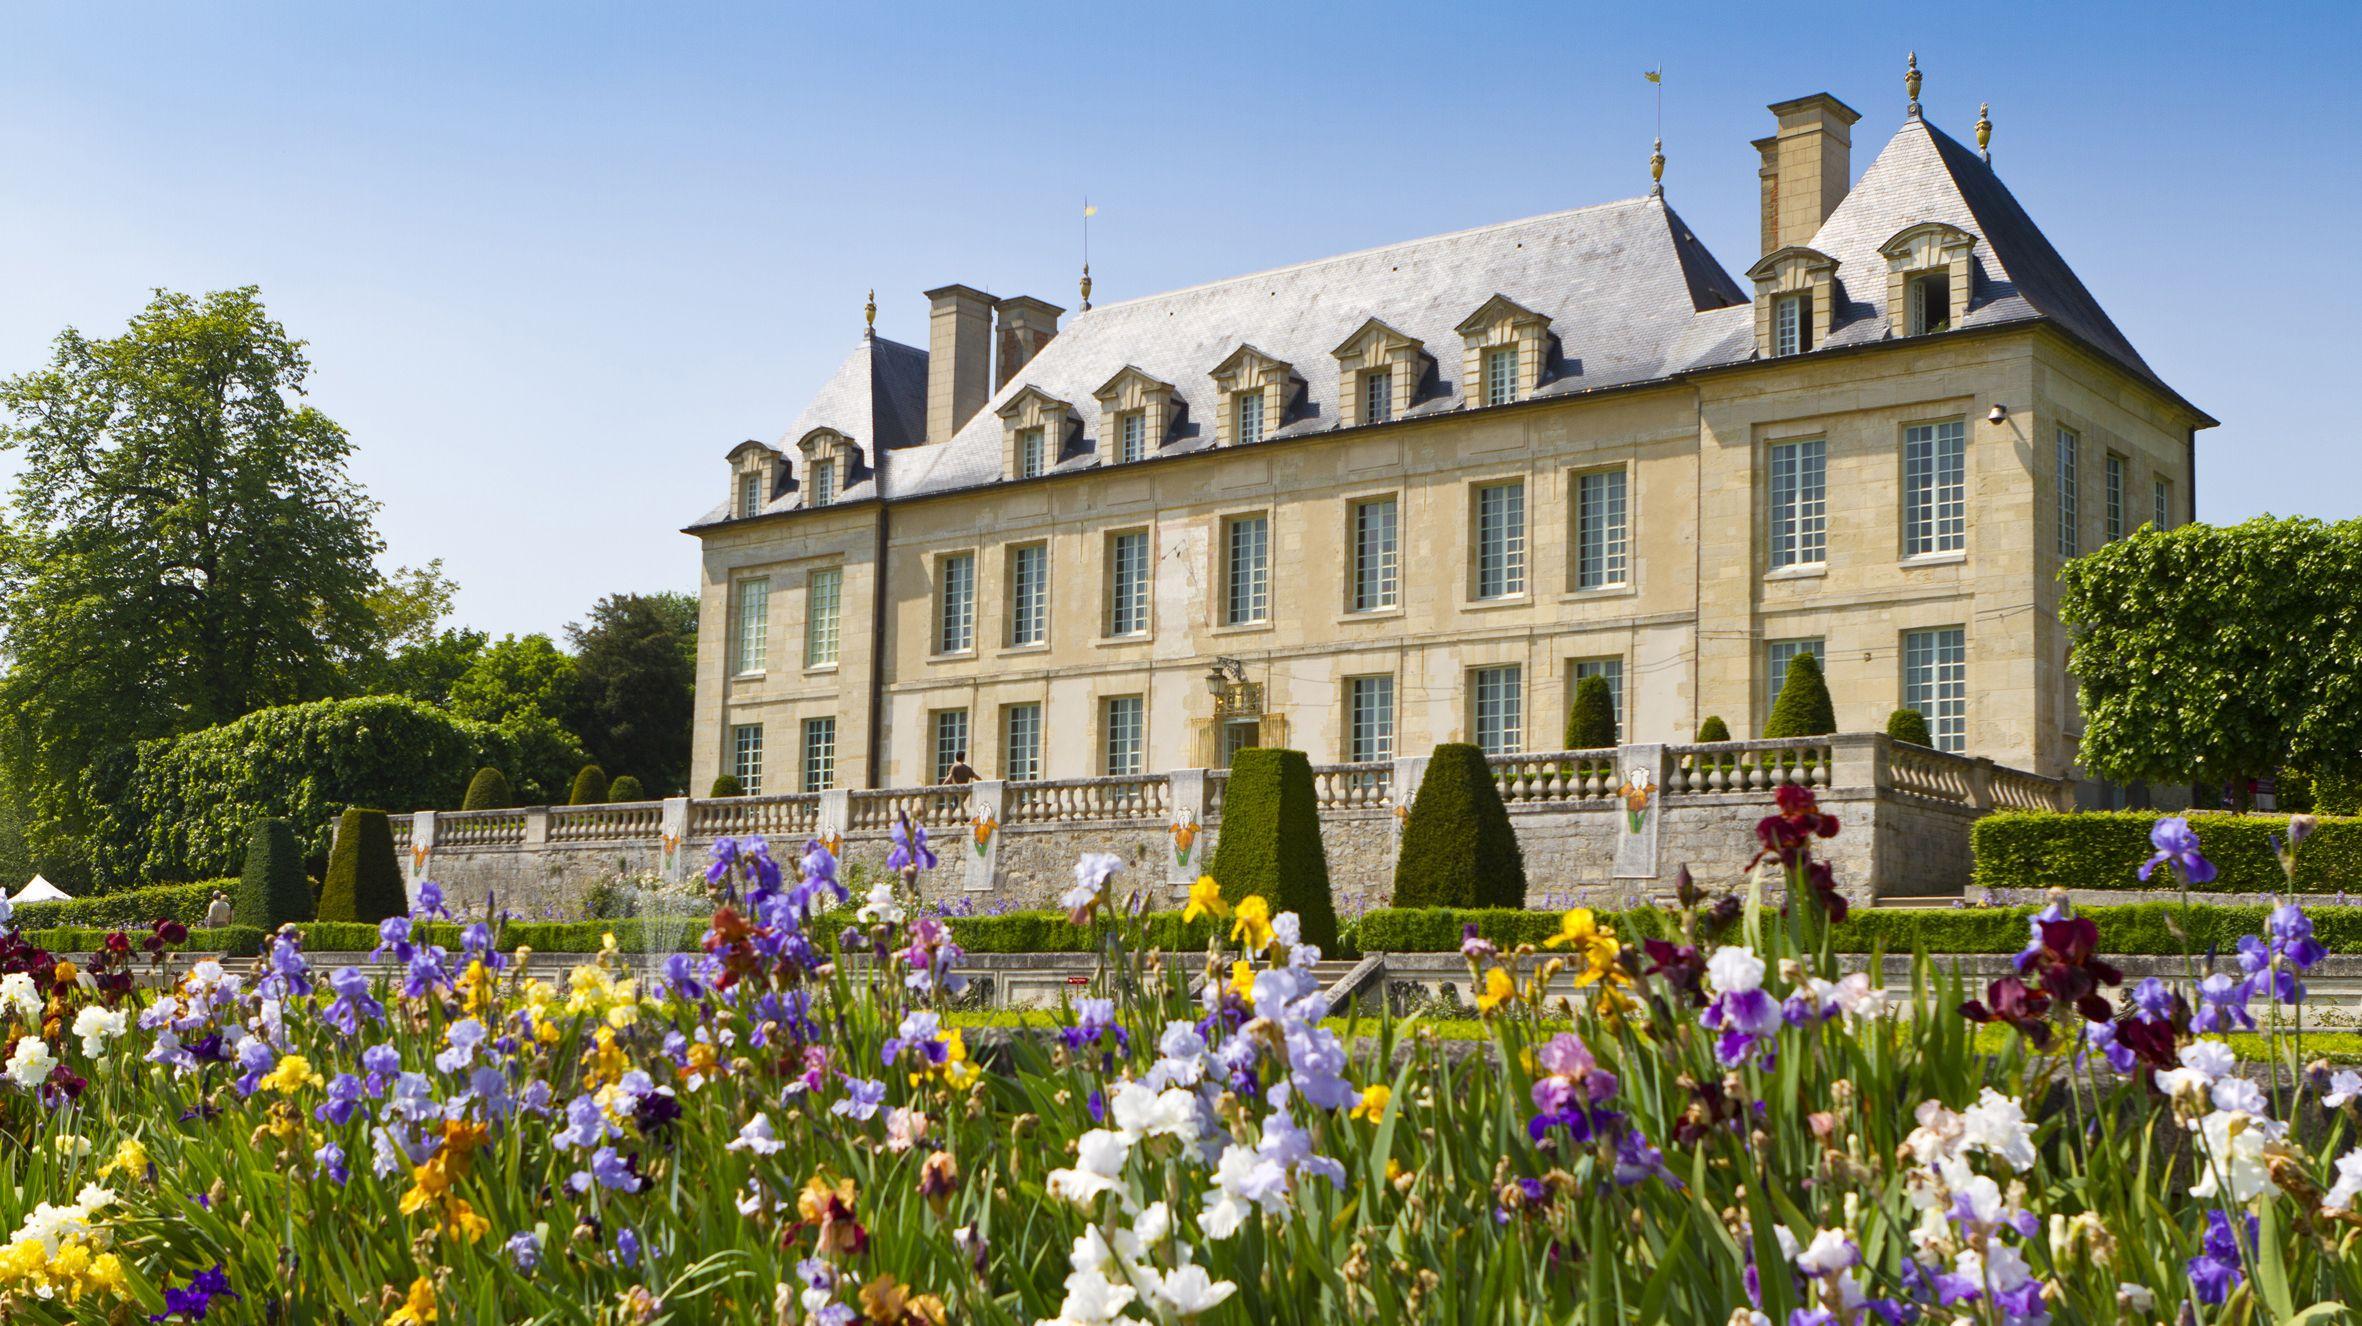 Ch¢teau d Auvers et ses iris dans les jardins  la fran§aise